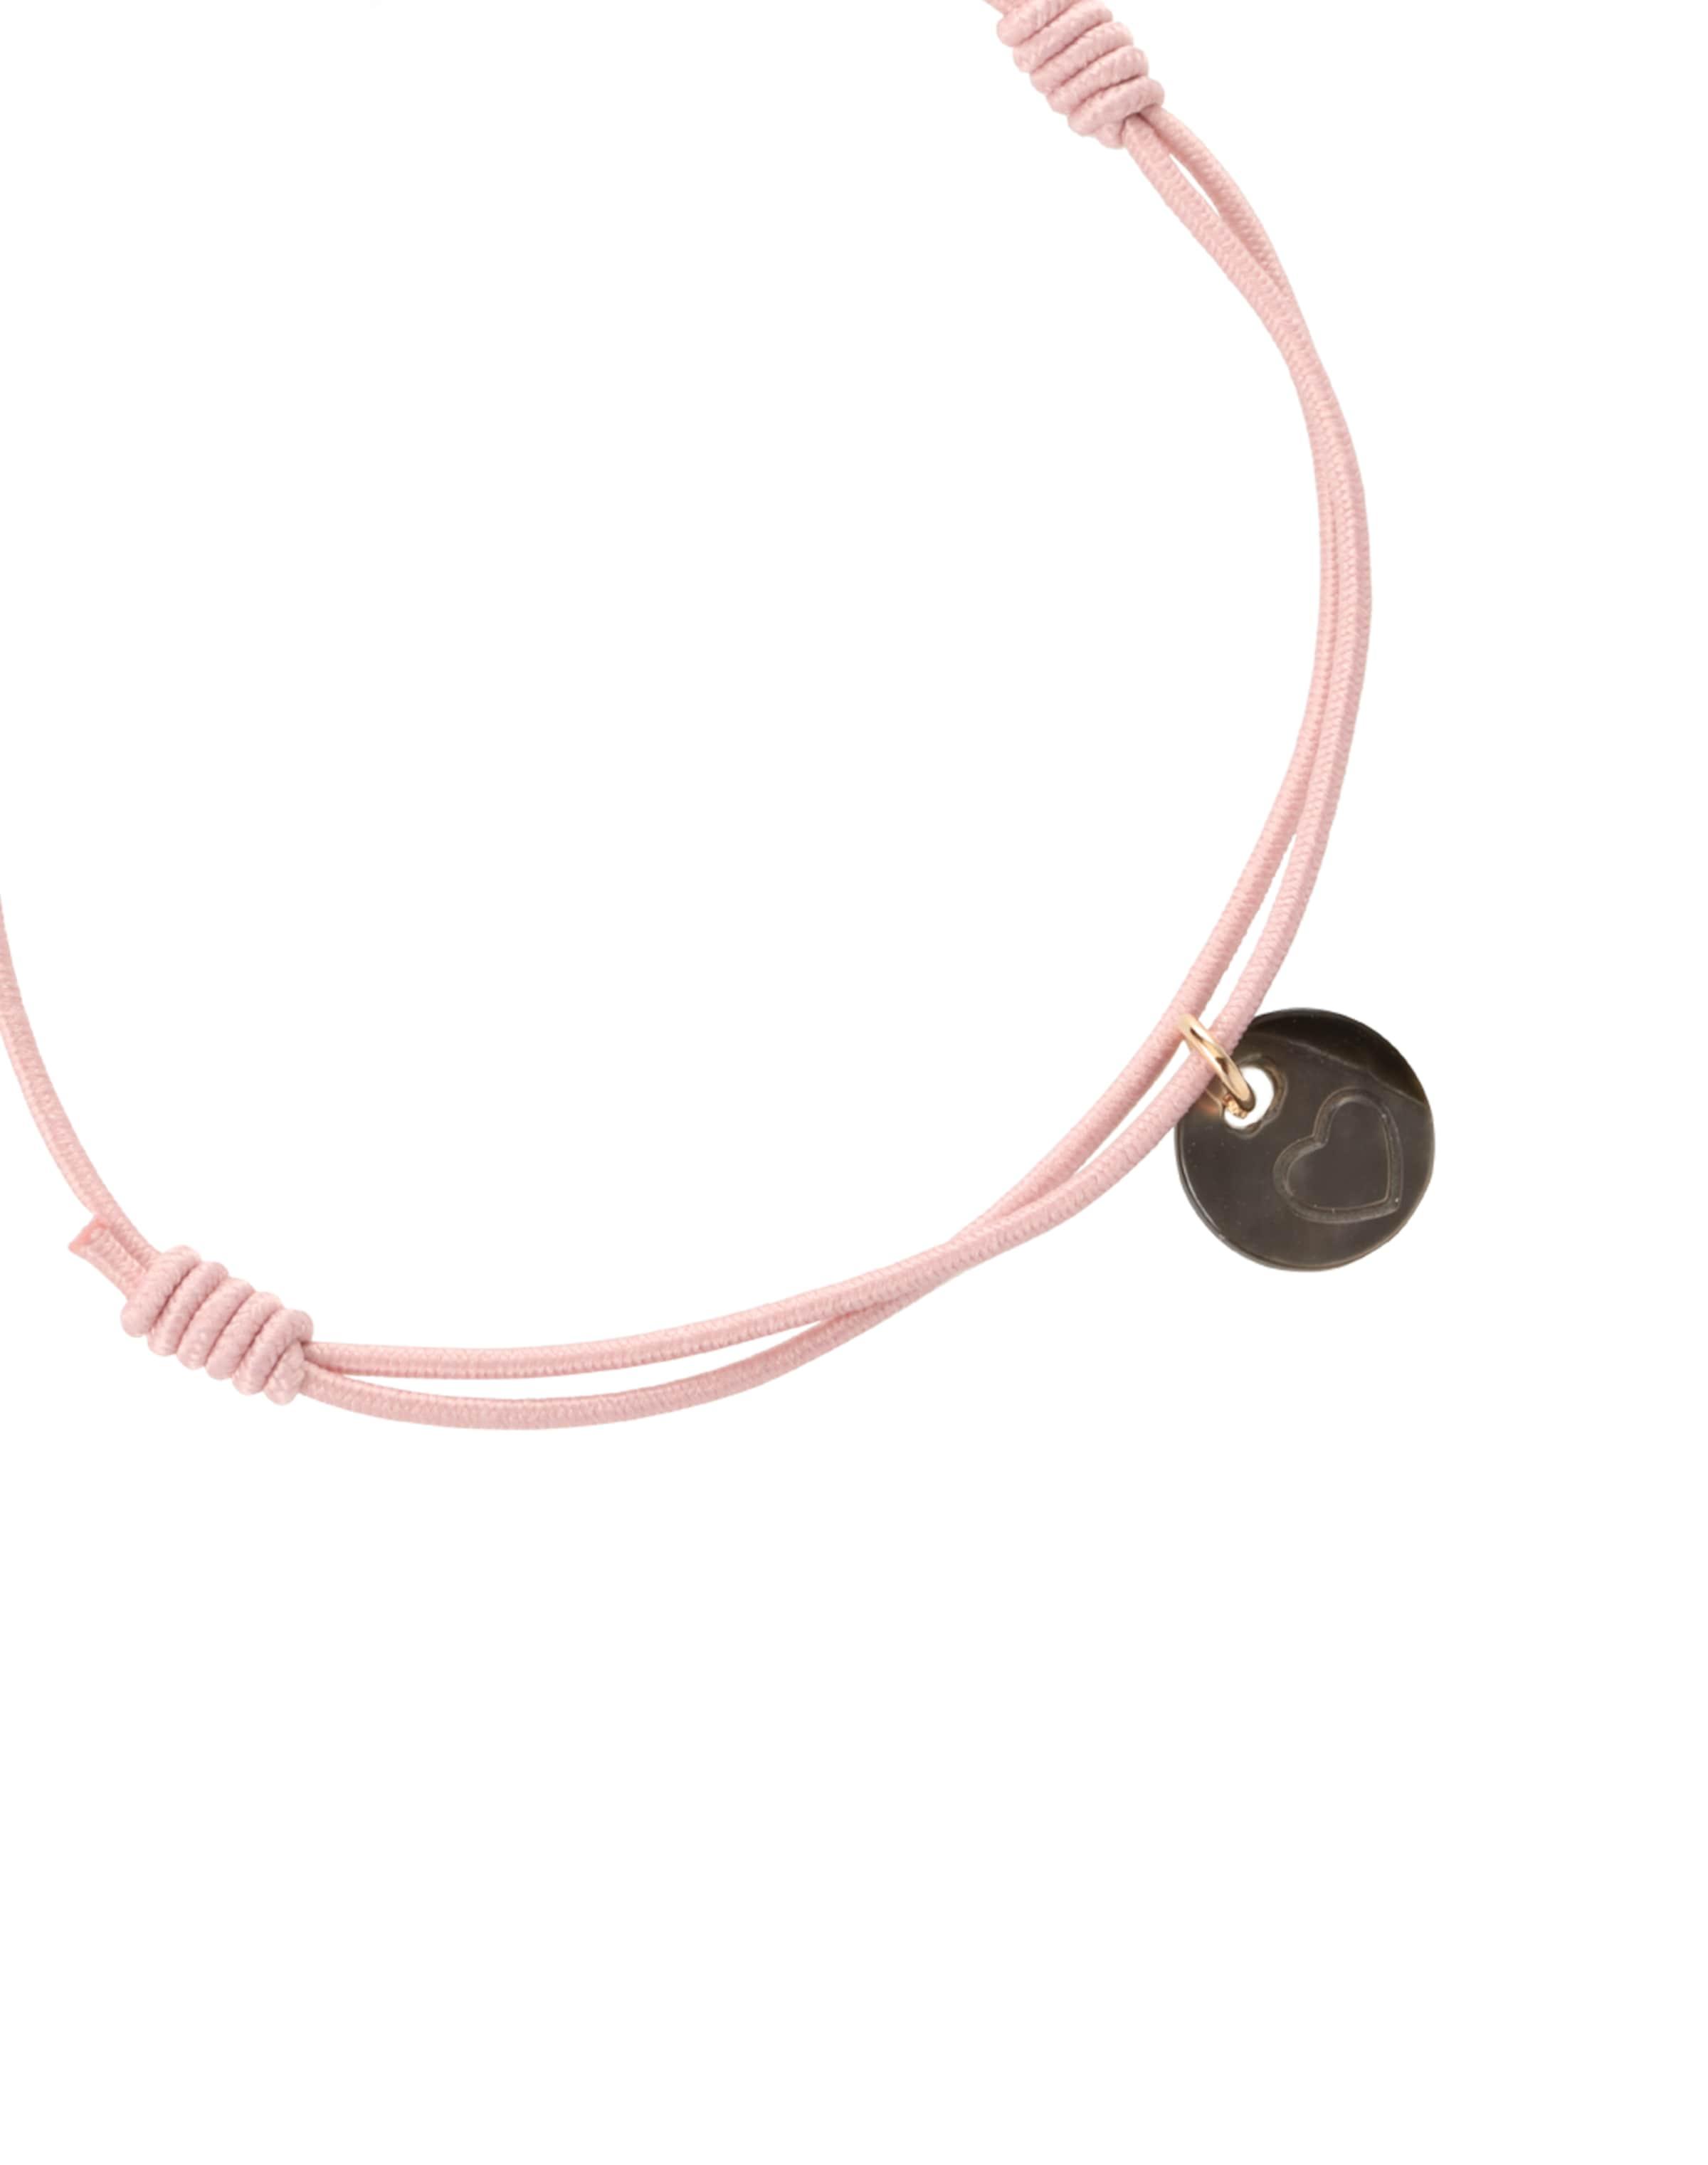 lua accessories Armband mit Anhänger Billig Verkauf Verkauf Großer Rabatt Zum Verkauf Mode-Stil Günstiger Preis 4BZmv